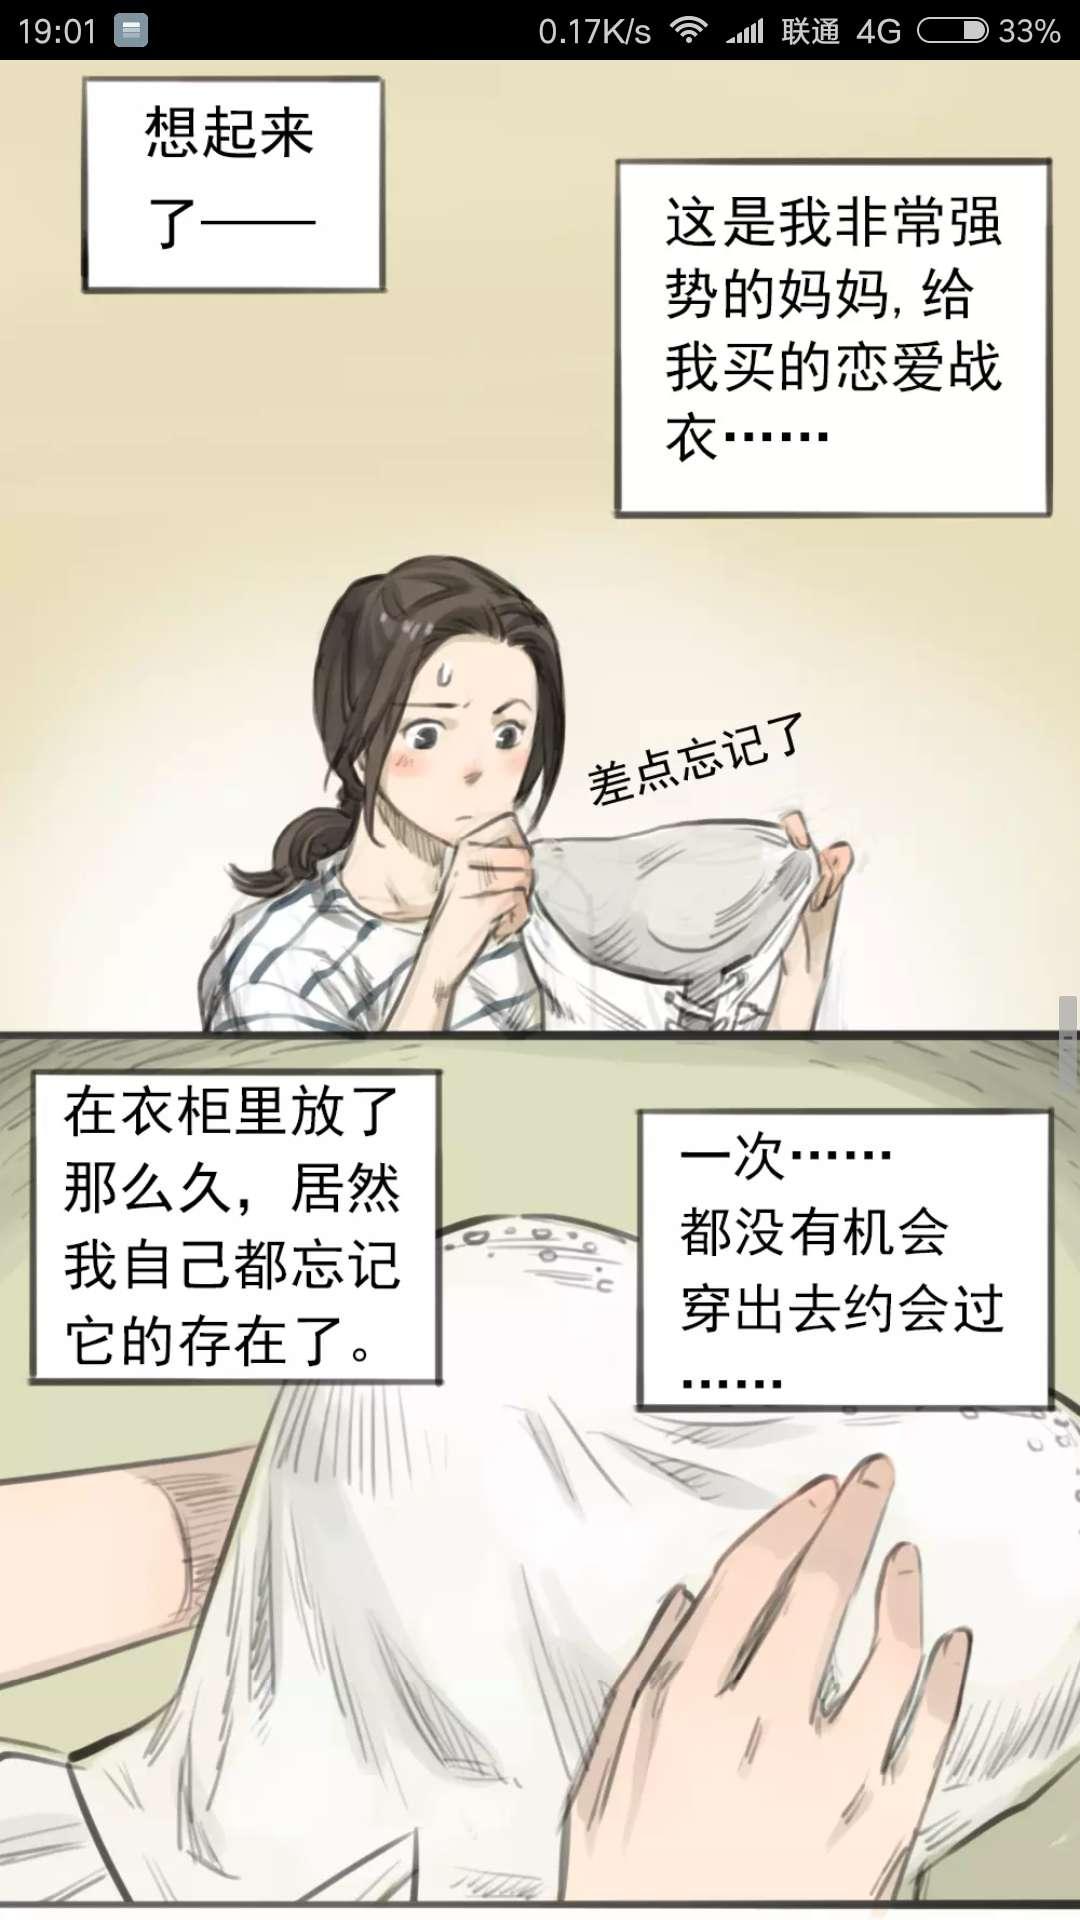 【推荐漫画】十二点的灰姑娘,天降之物第三季观看